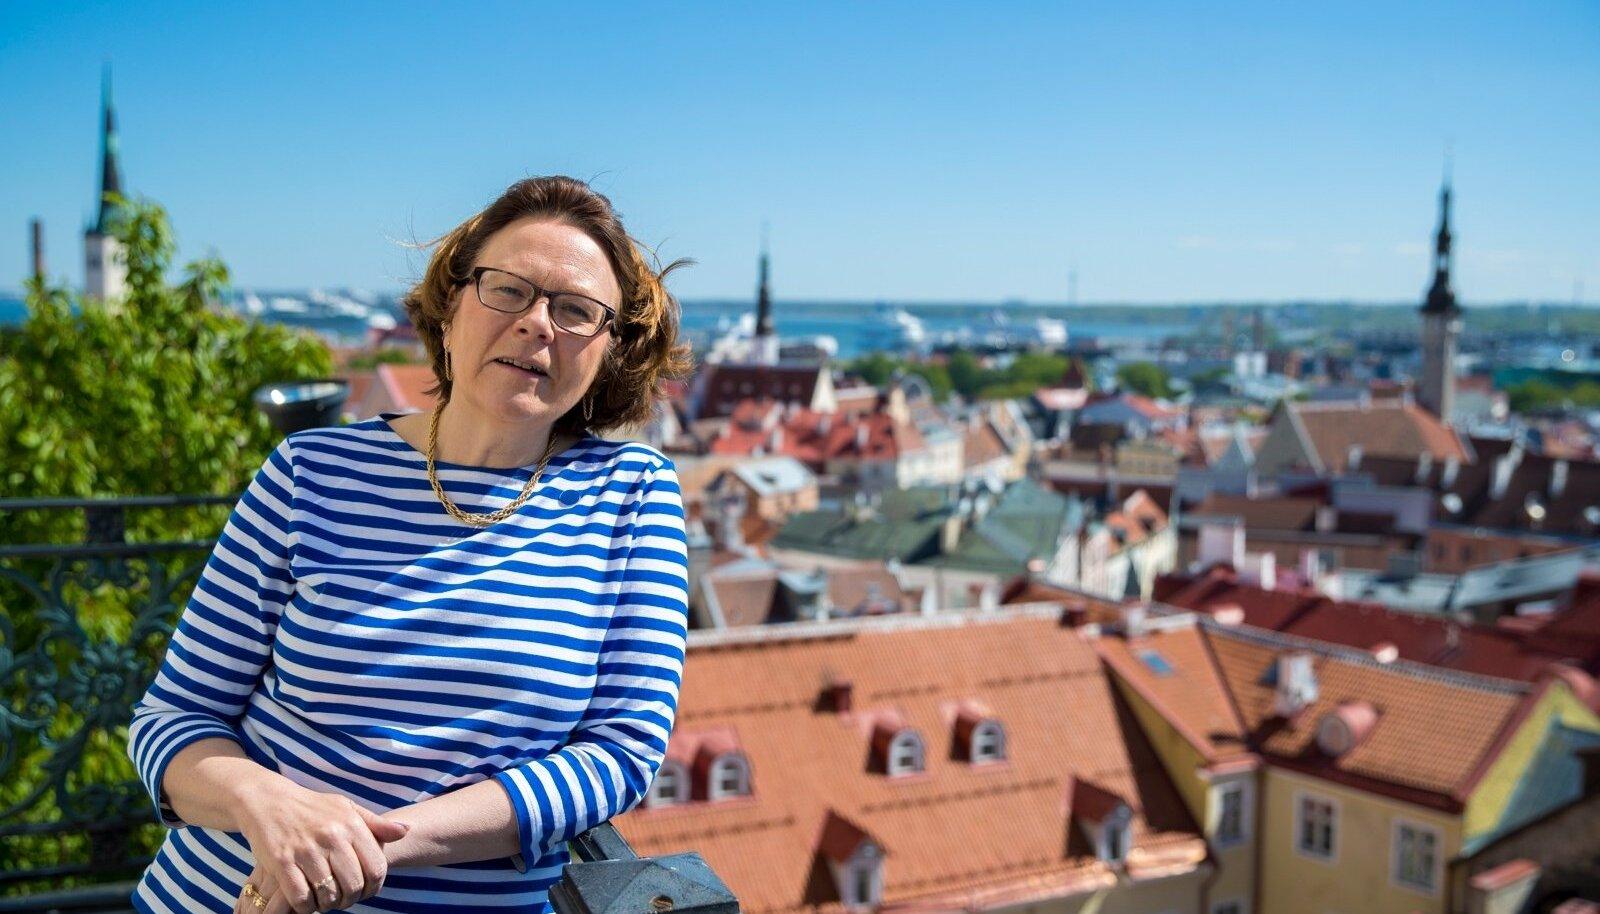 """Mis suursaadikule Eestis meeldib? """"Loodus kindlasti. Mulle mõjub see, et inimesed kannavad siin hästi palju rahvariideid. Soomes seda ei näe. See on väga ilus komme. Ja need teie rahvatantsud… Mina ei kujuta ette, et mu 16-aastane poeg läheks vabatahtlikult koolinoorte laulu- ja tantsupeole tantsima. Sellist raha maailmas ei ole, mis teda sinna meelitaks. Hoidke seda traditsiooni."""""""